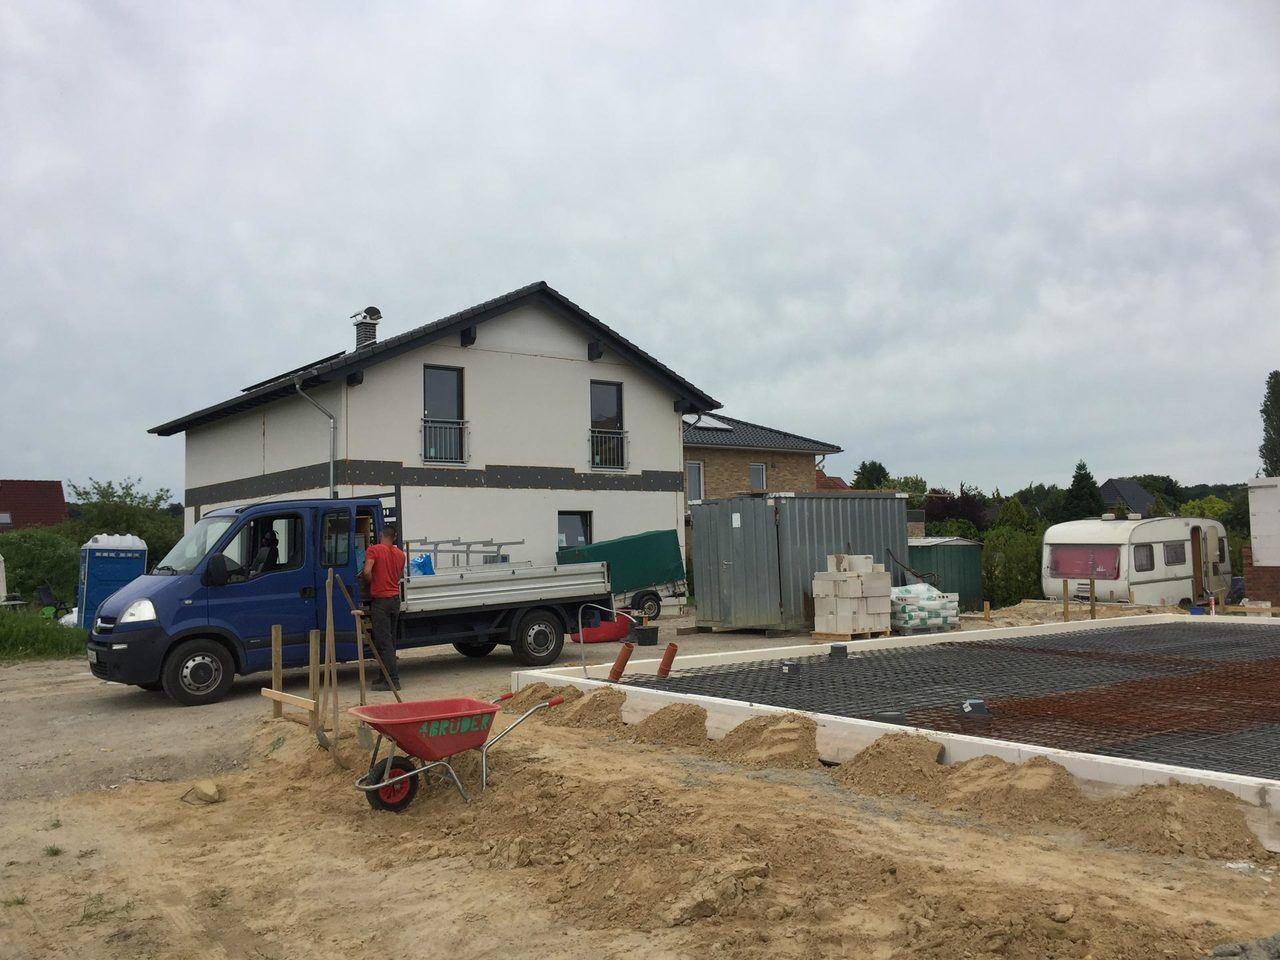 Baustelle - Norddeutschland - Fertigung einer Bodenplatte